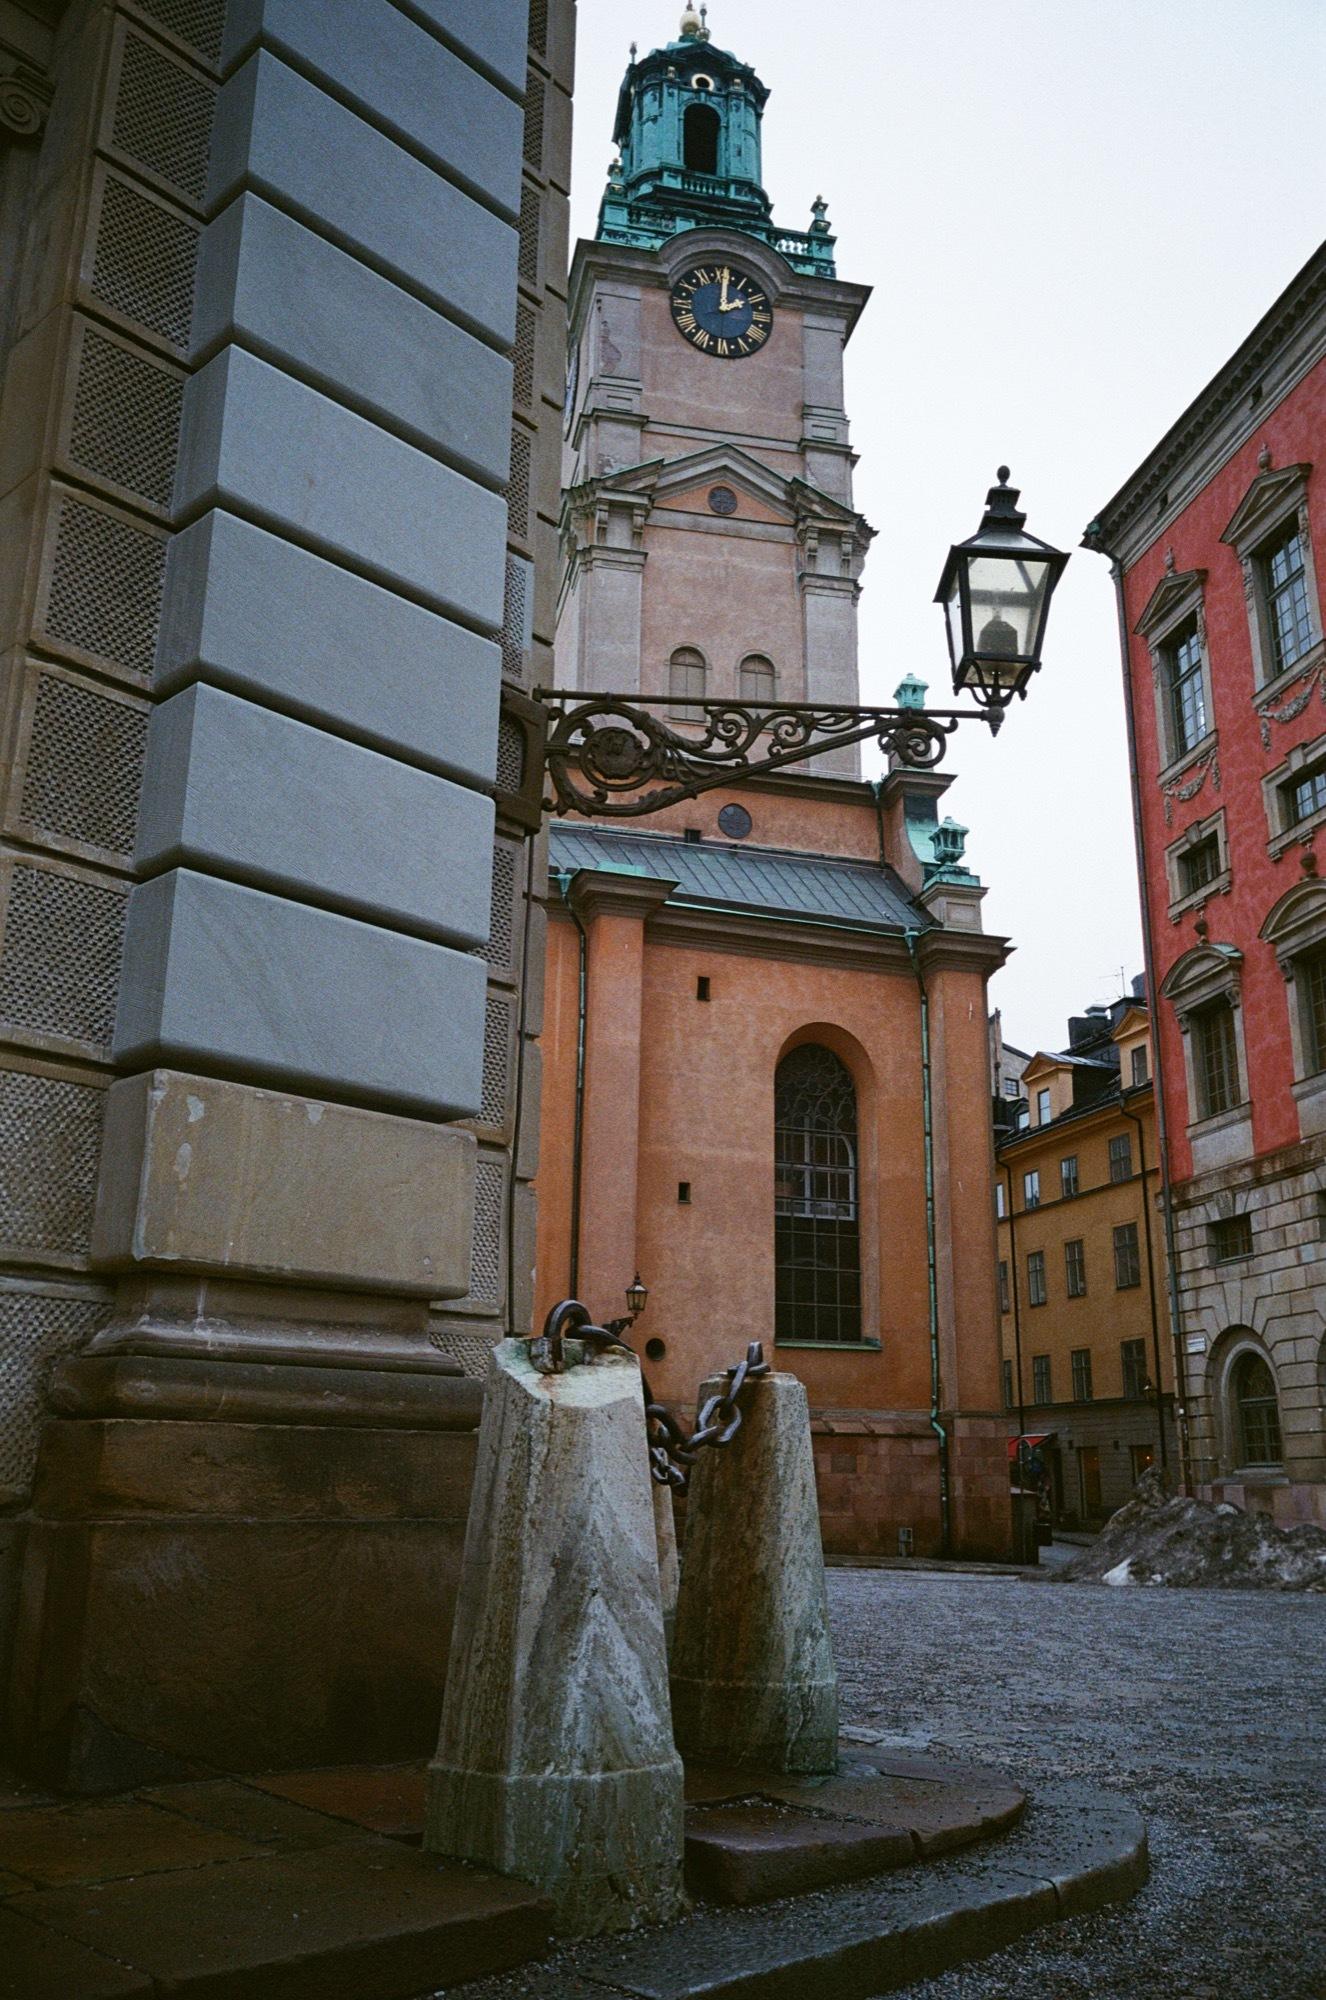 cameraville_leica_mda_stockholm_avenon_28mm_kodak_gold_400_15.jpg